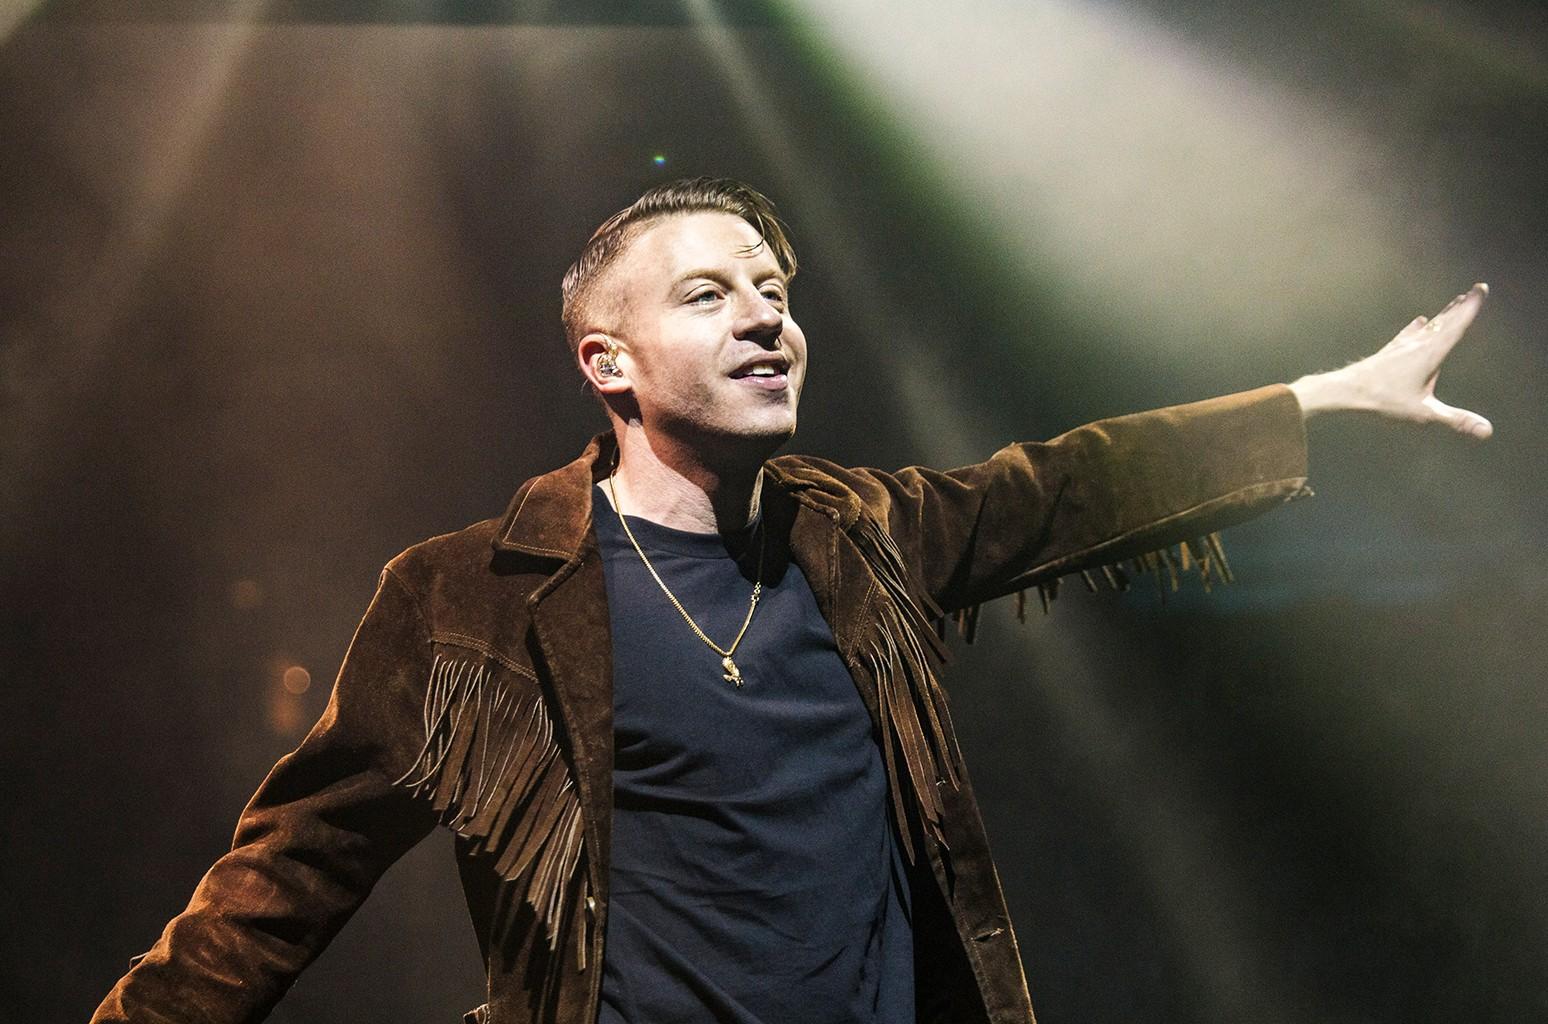 Macklemore of Macklemore & Ryan Lewis performs in Manchester